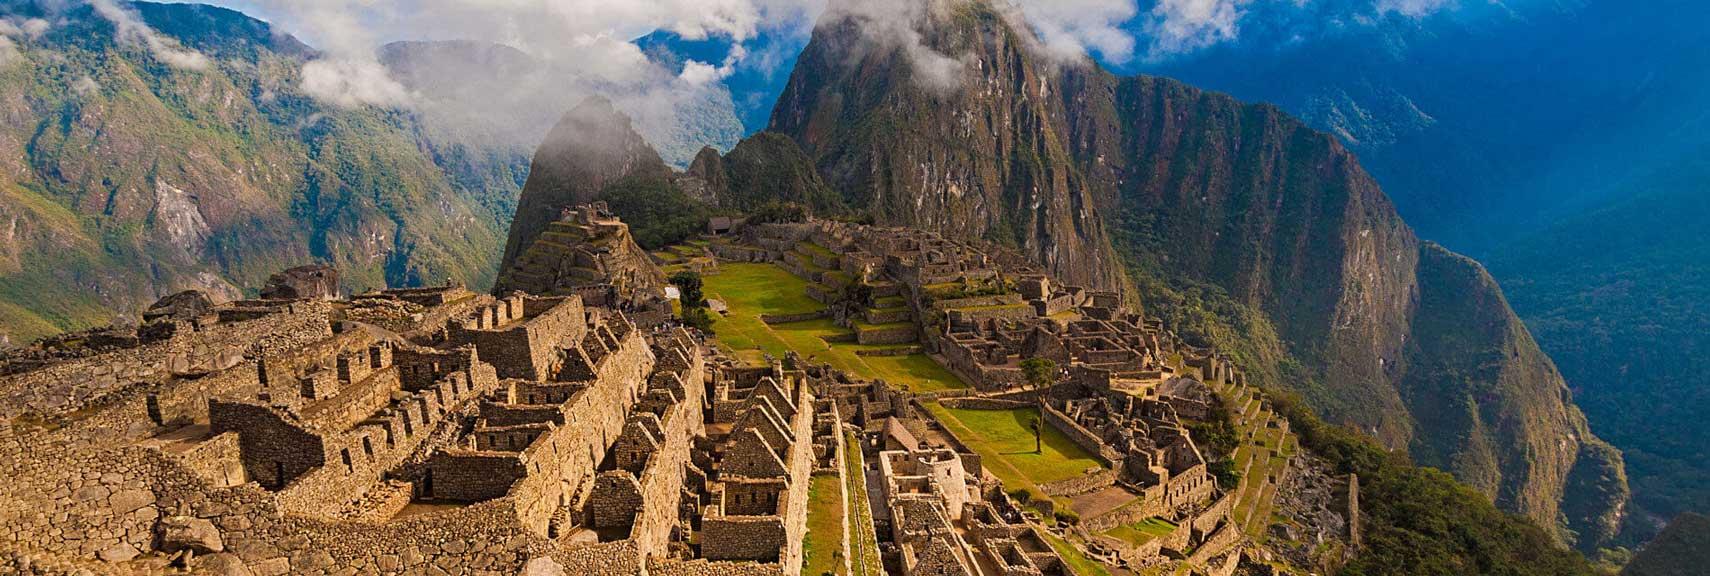 Resor till Sydamerika med svensk guide. Rundresa till Peru, Chile, Argentina och Brasilien. Besök Machu Picchu, Buenos Aires och Rio de Janeiro.